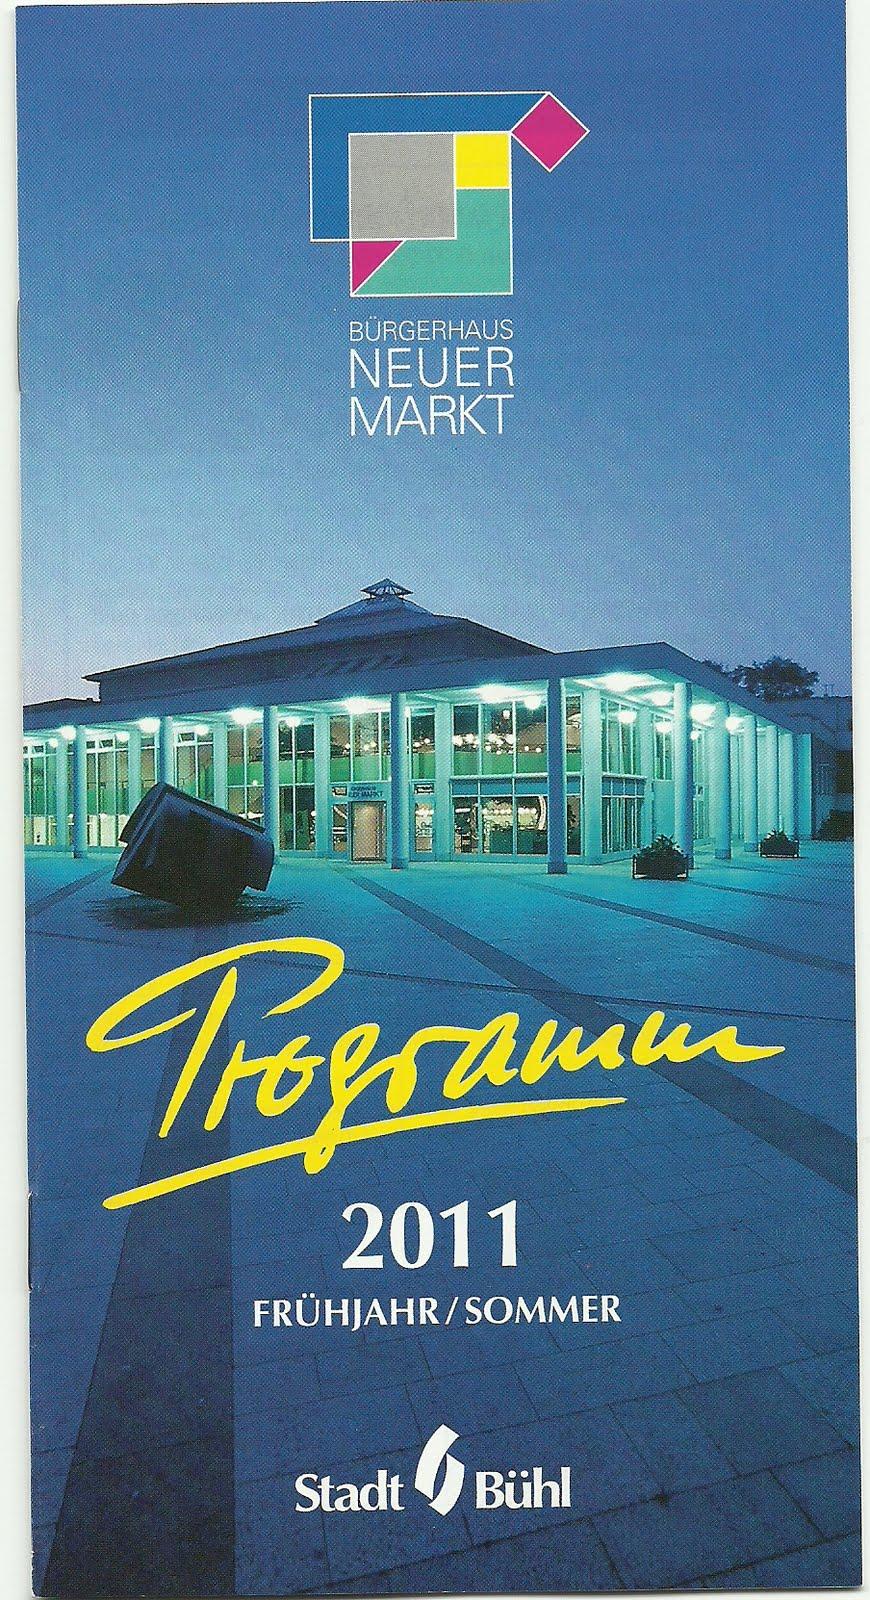 tønder festival program 2011